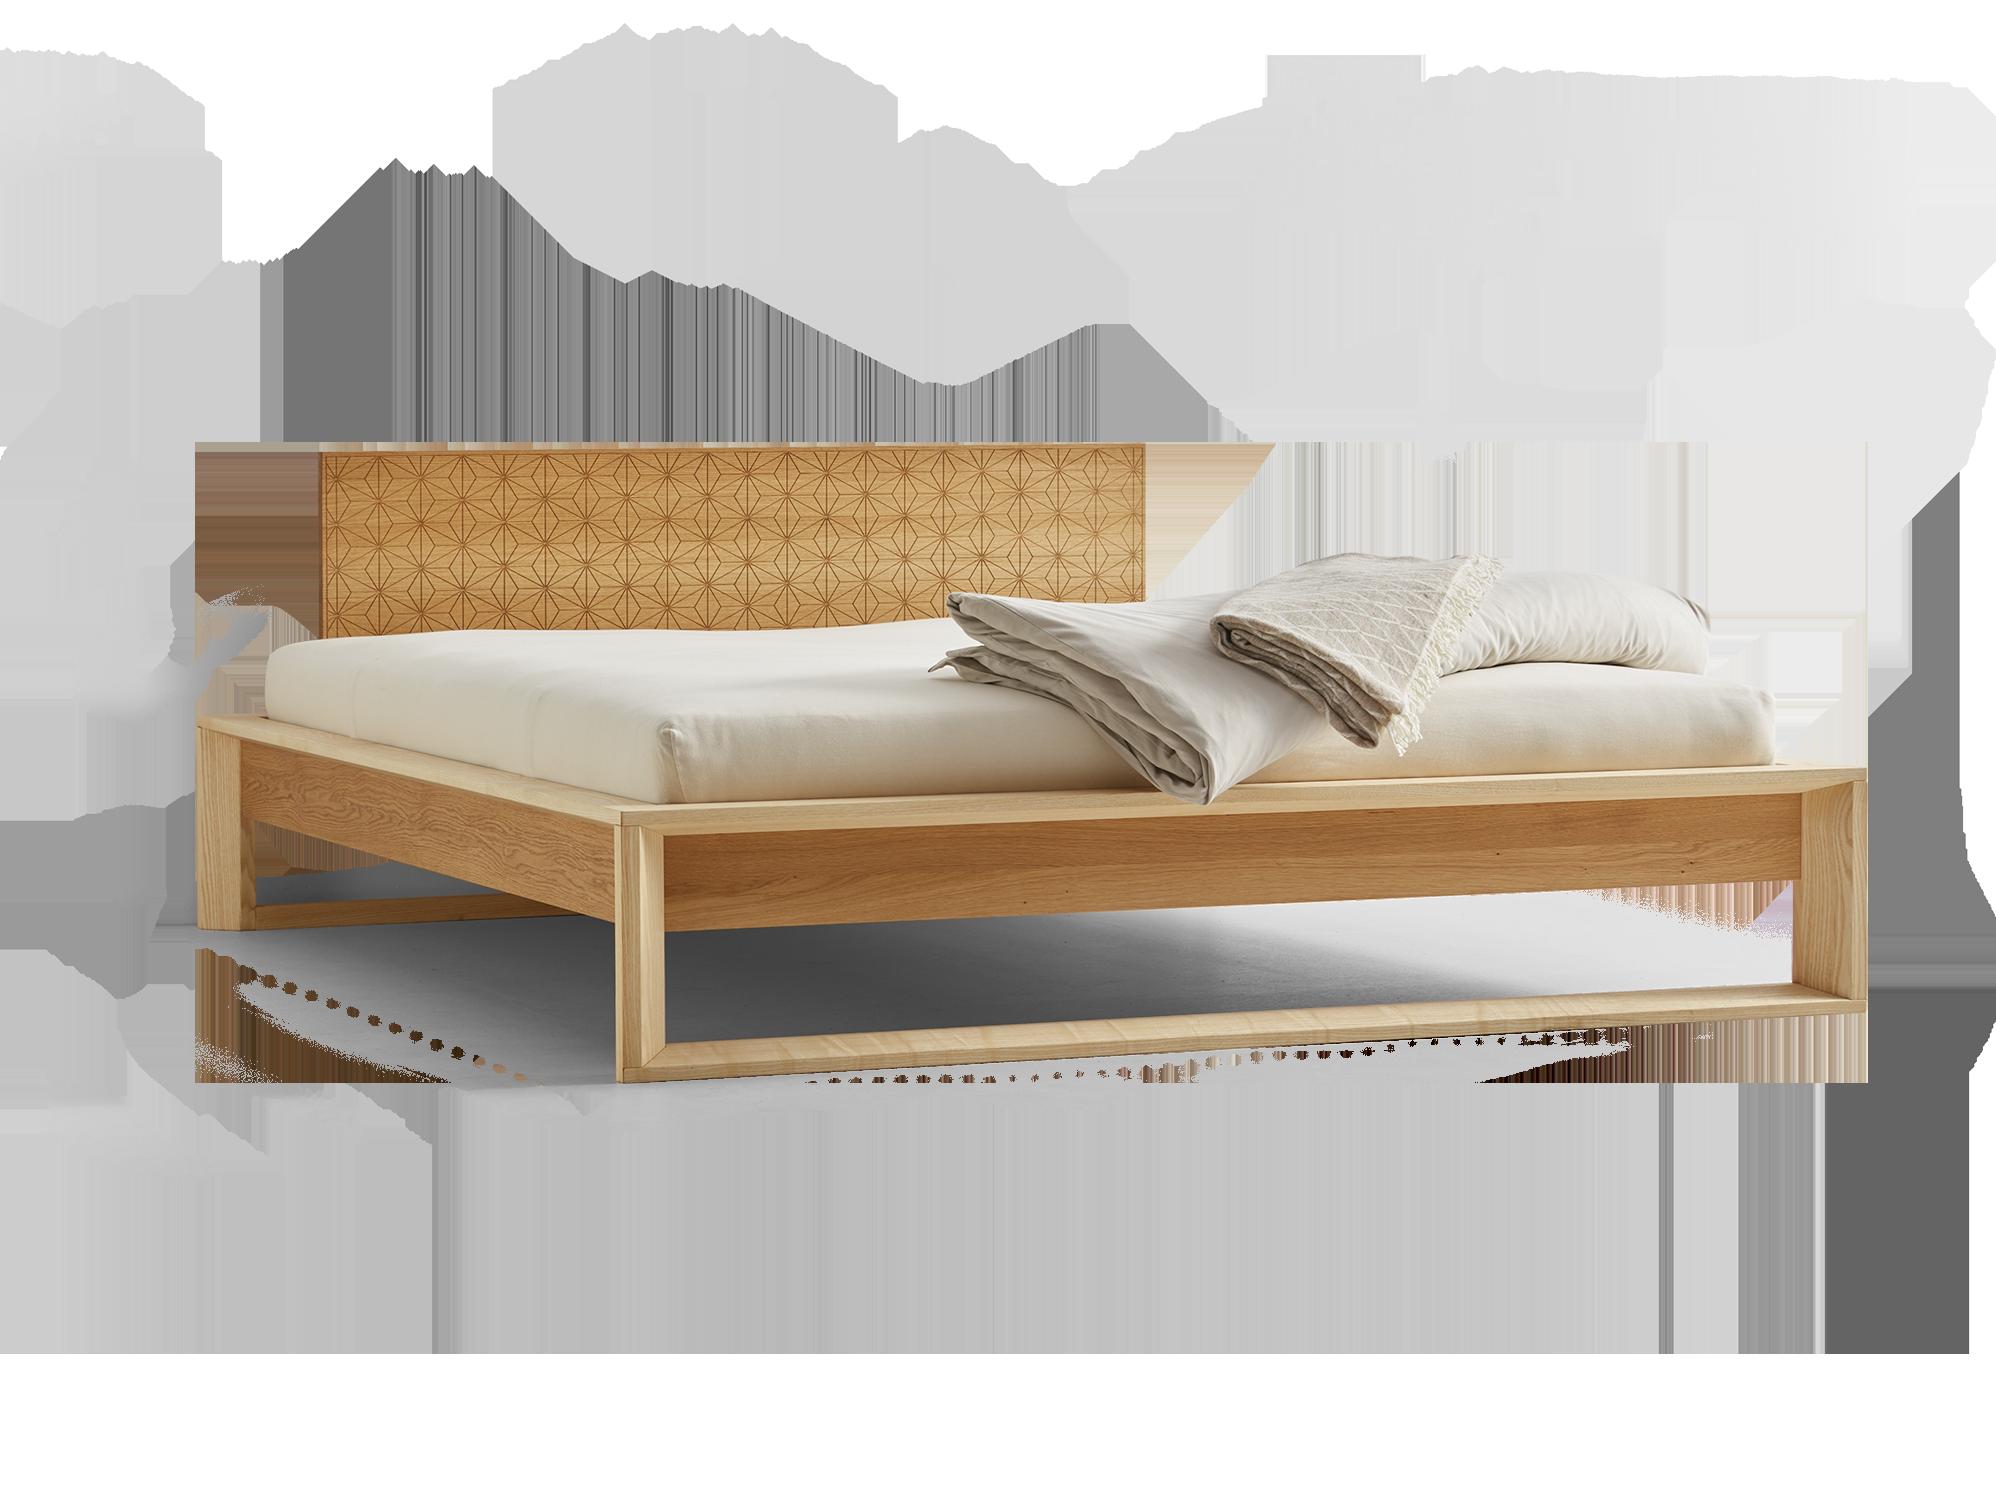 japanisches design | grüne erde, Schlafzimmer entwurf